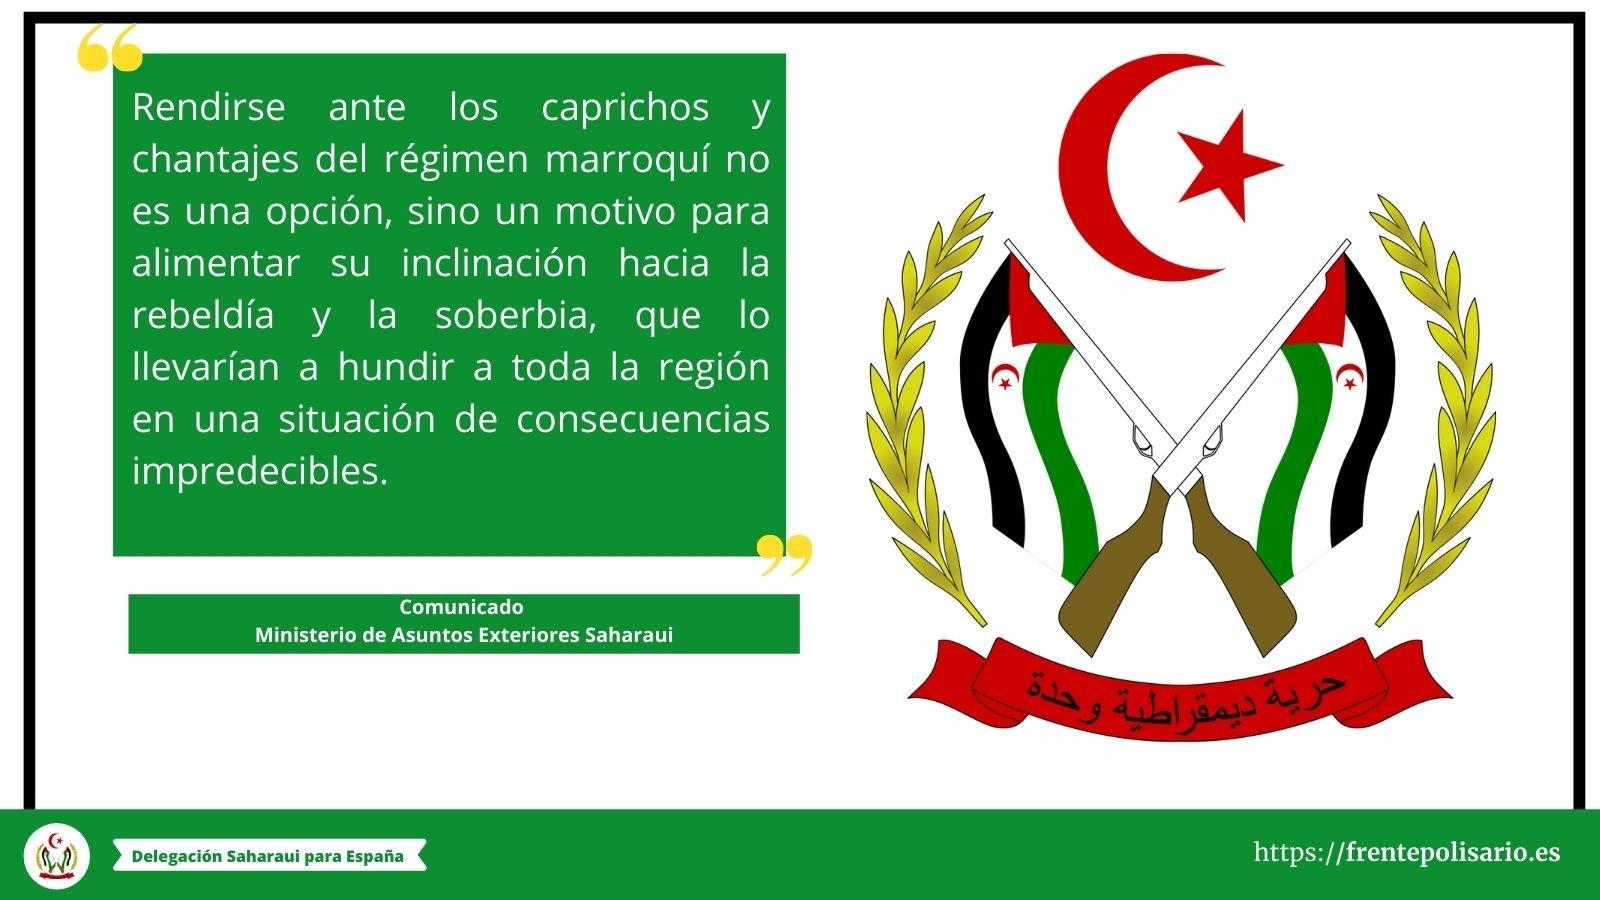 Comunicado del Ministerio de Asuntos Exteriores Saharaui